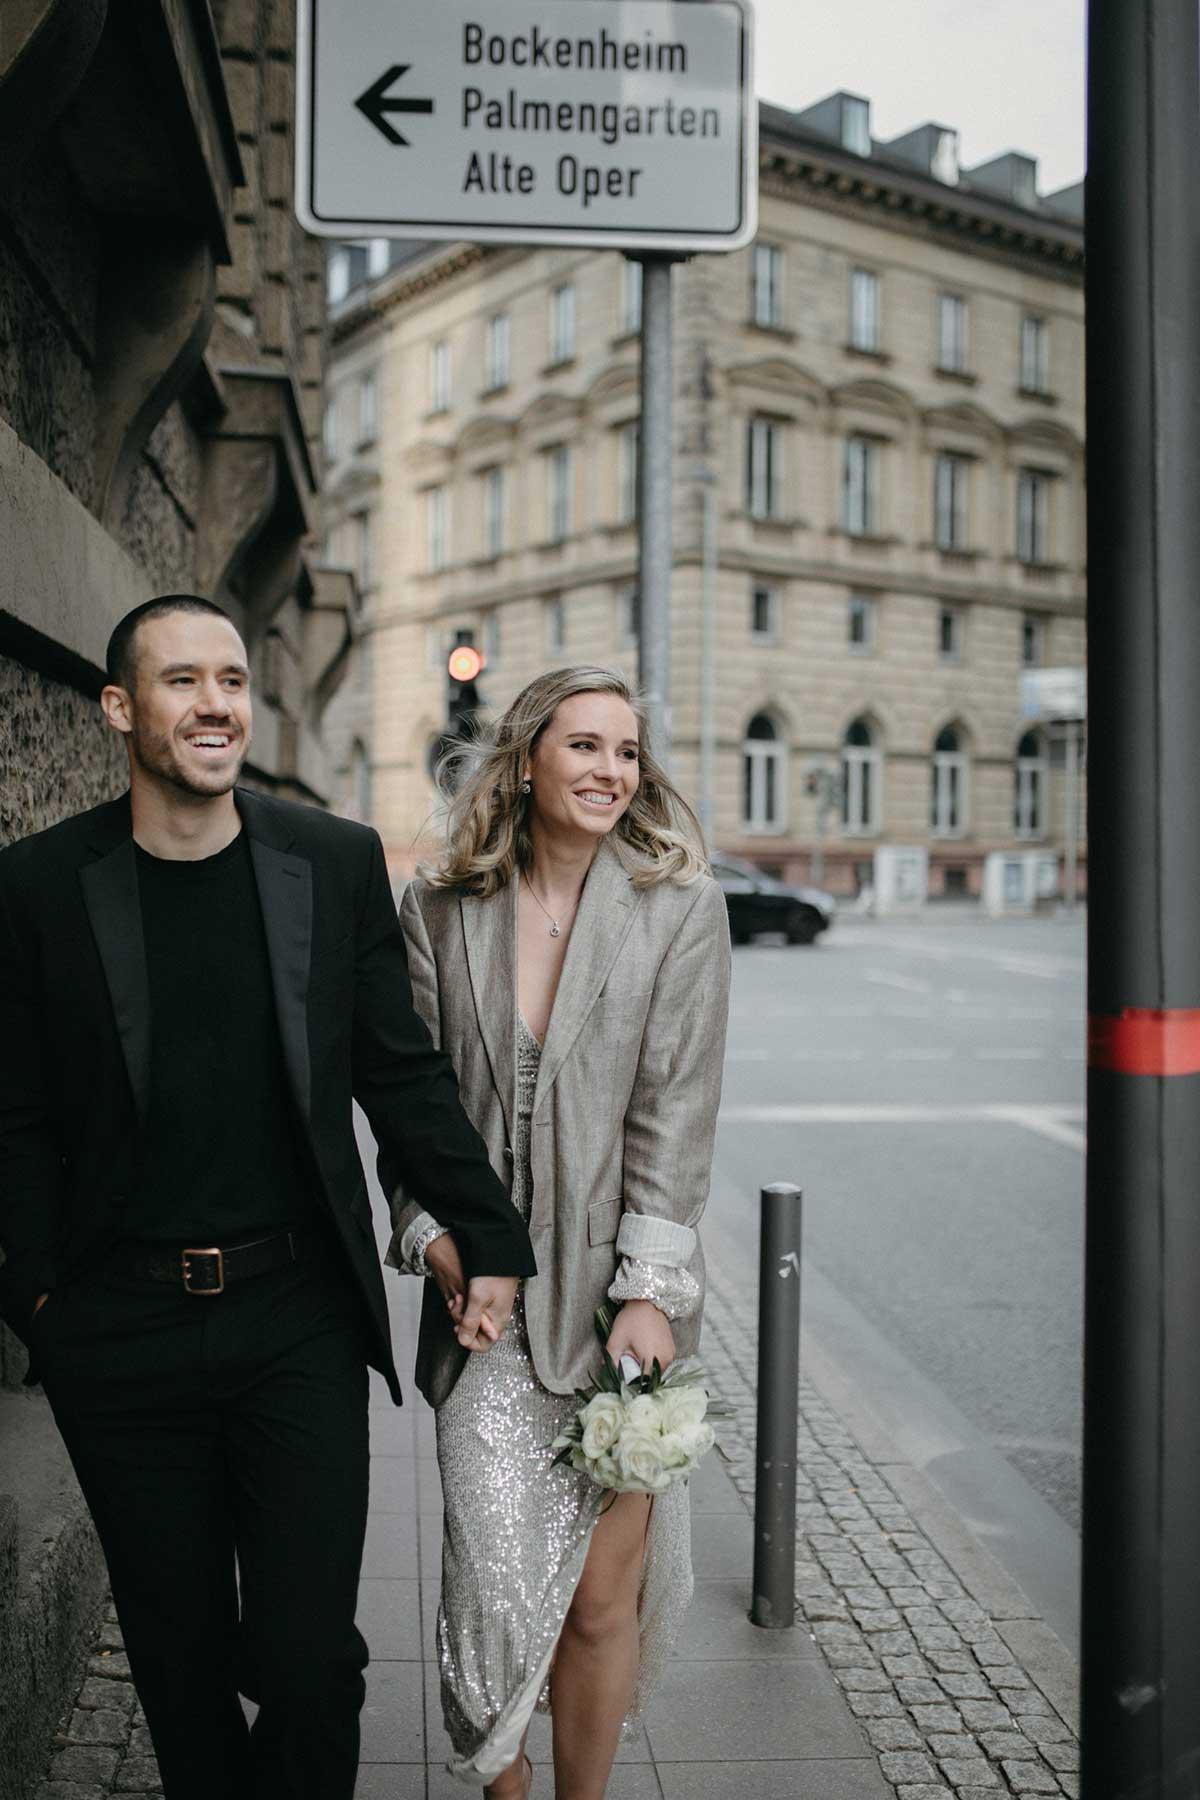 Fotoshooting mit Braut und Bräutigam in den Straßen von Frankfurt